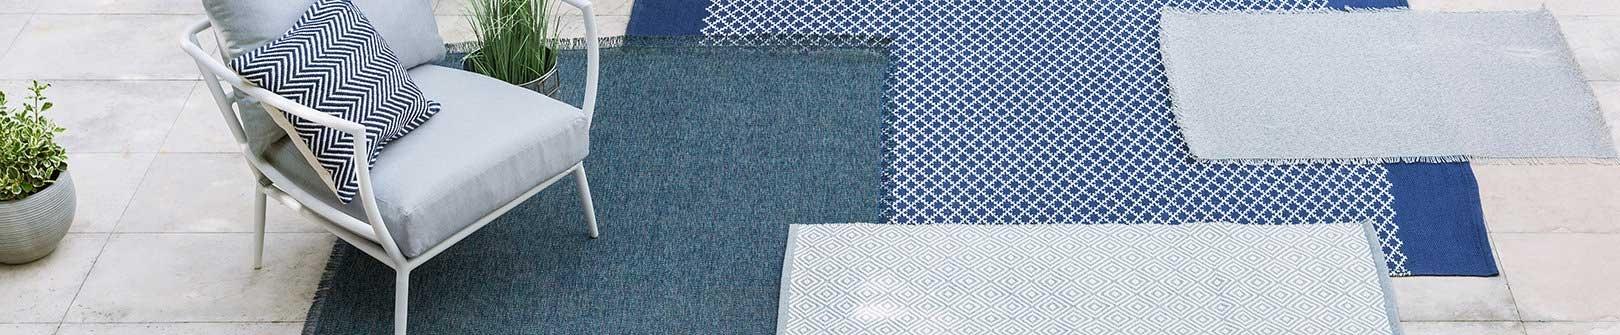 Teppiche im Freien